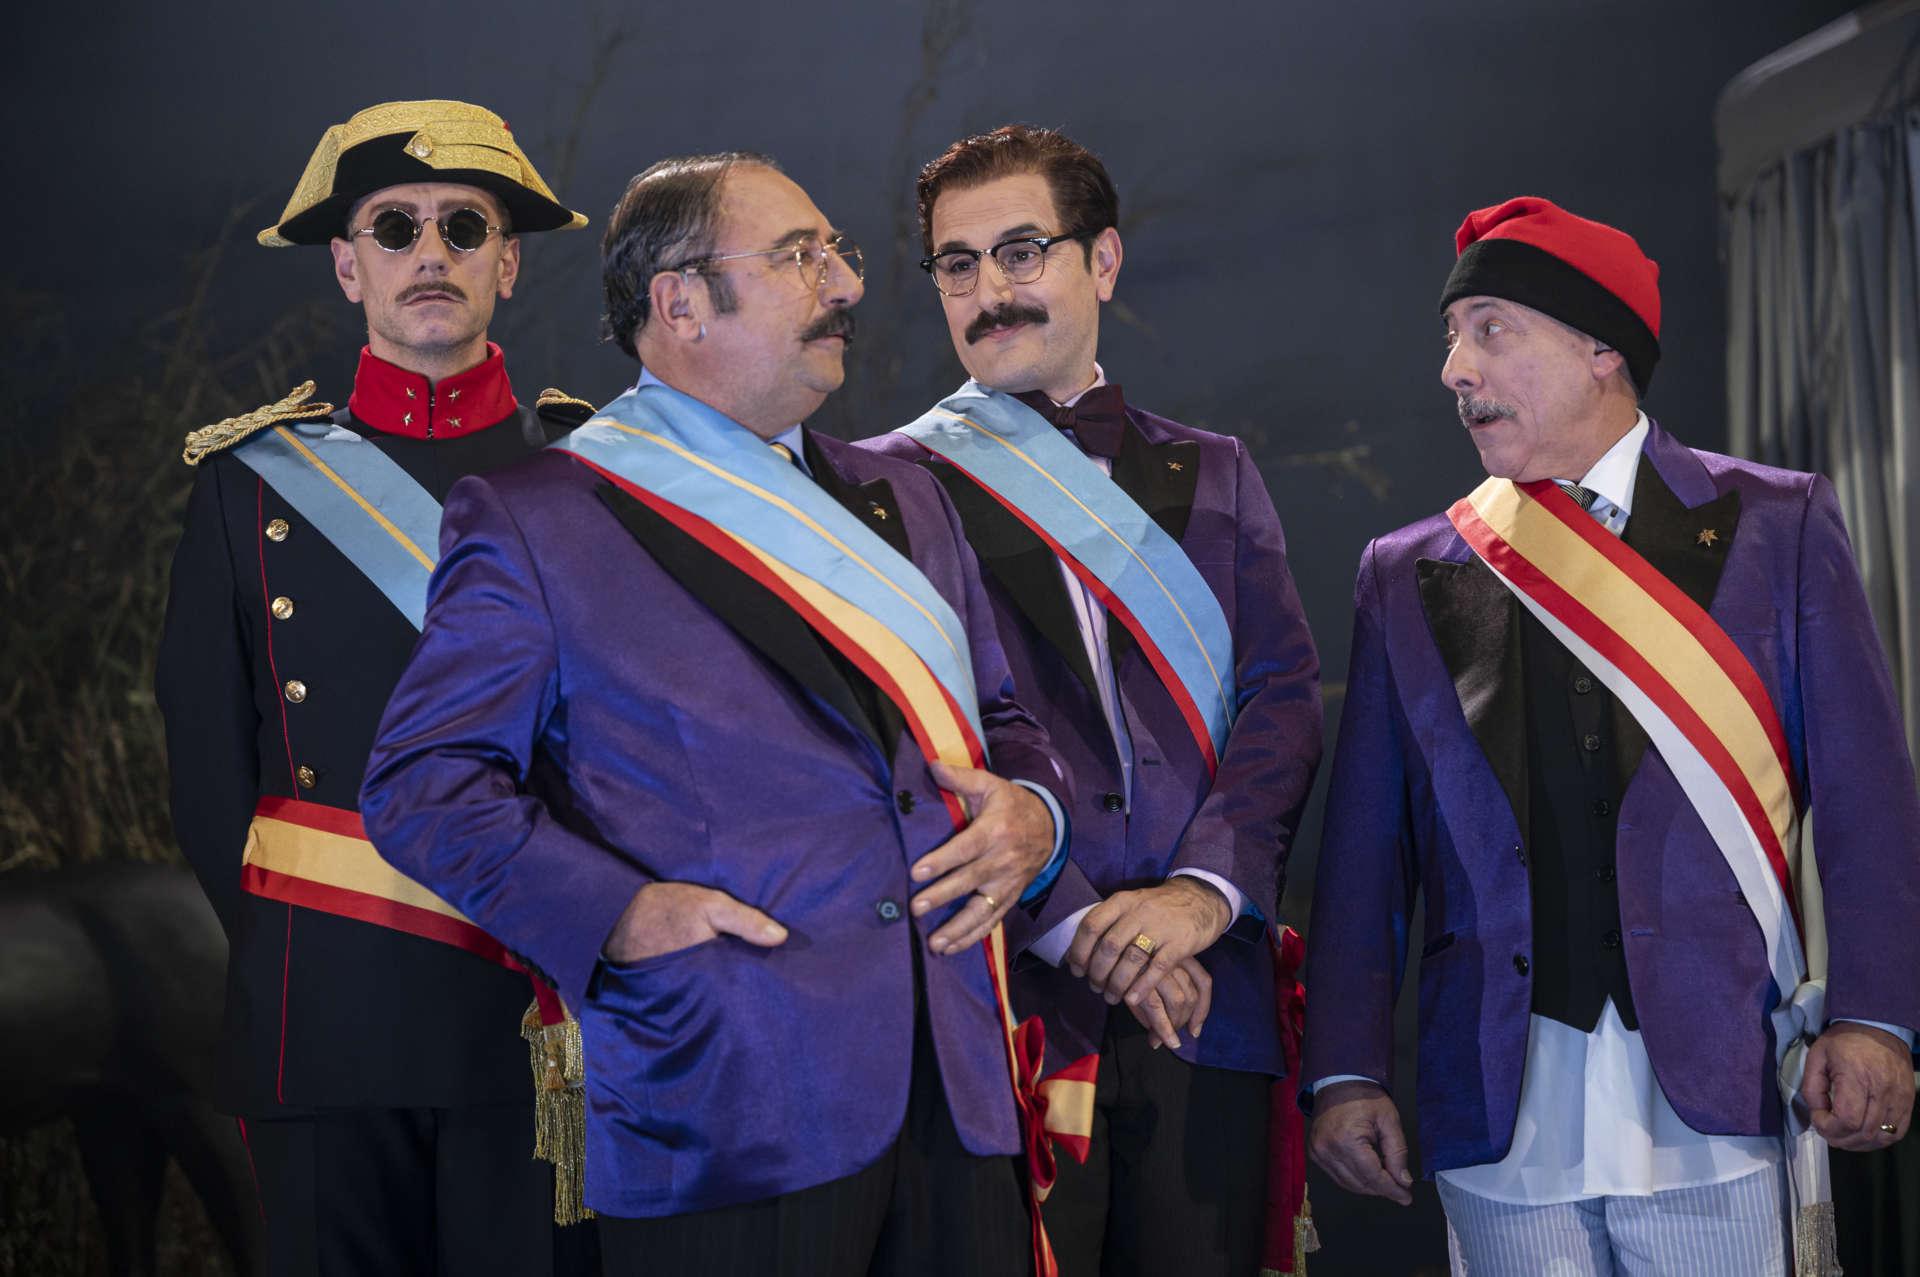 'Lhèroe', amb dotze actors, va pujar a escena al Nacional a principi de temporada. Foto: May Zircus/TNC